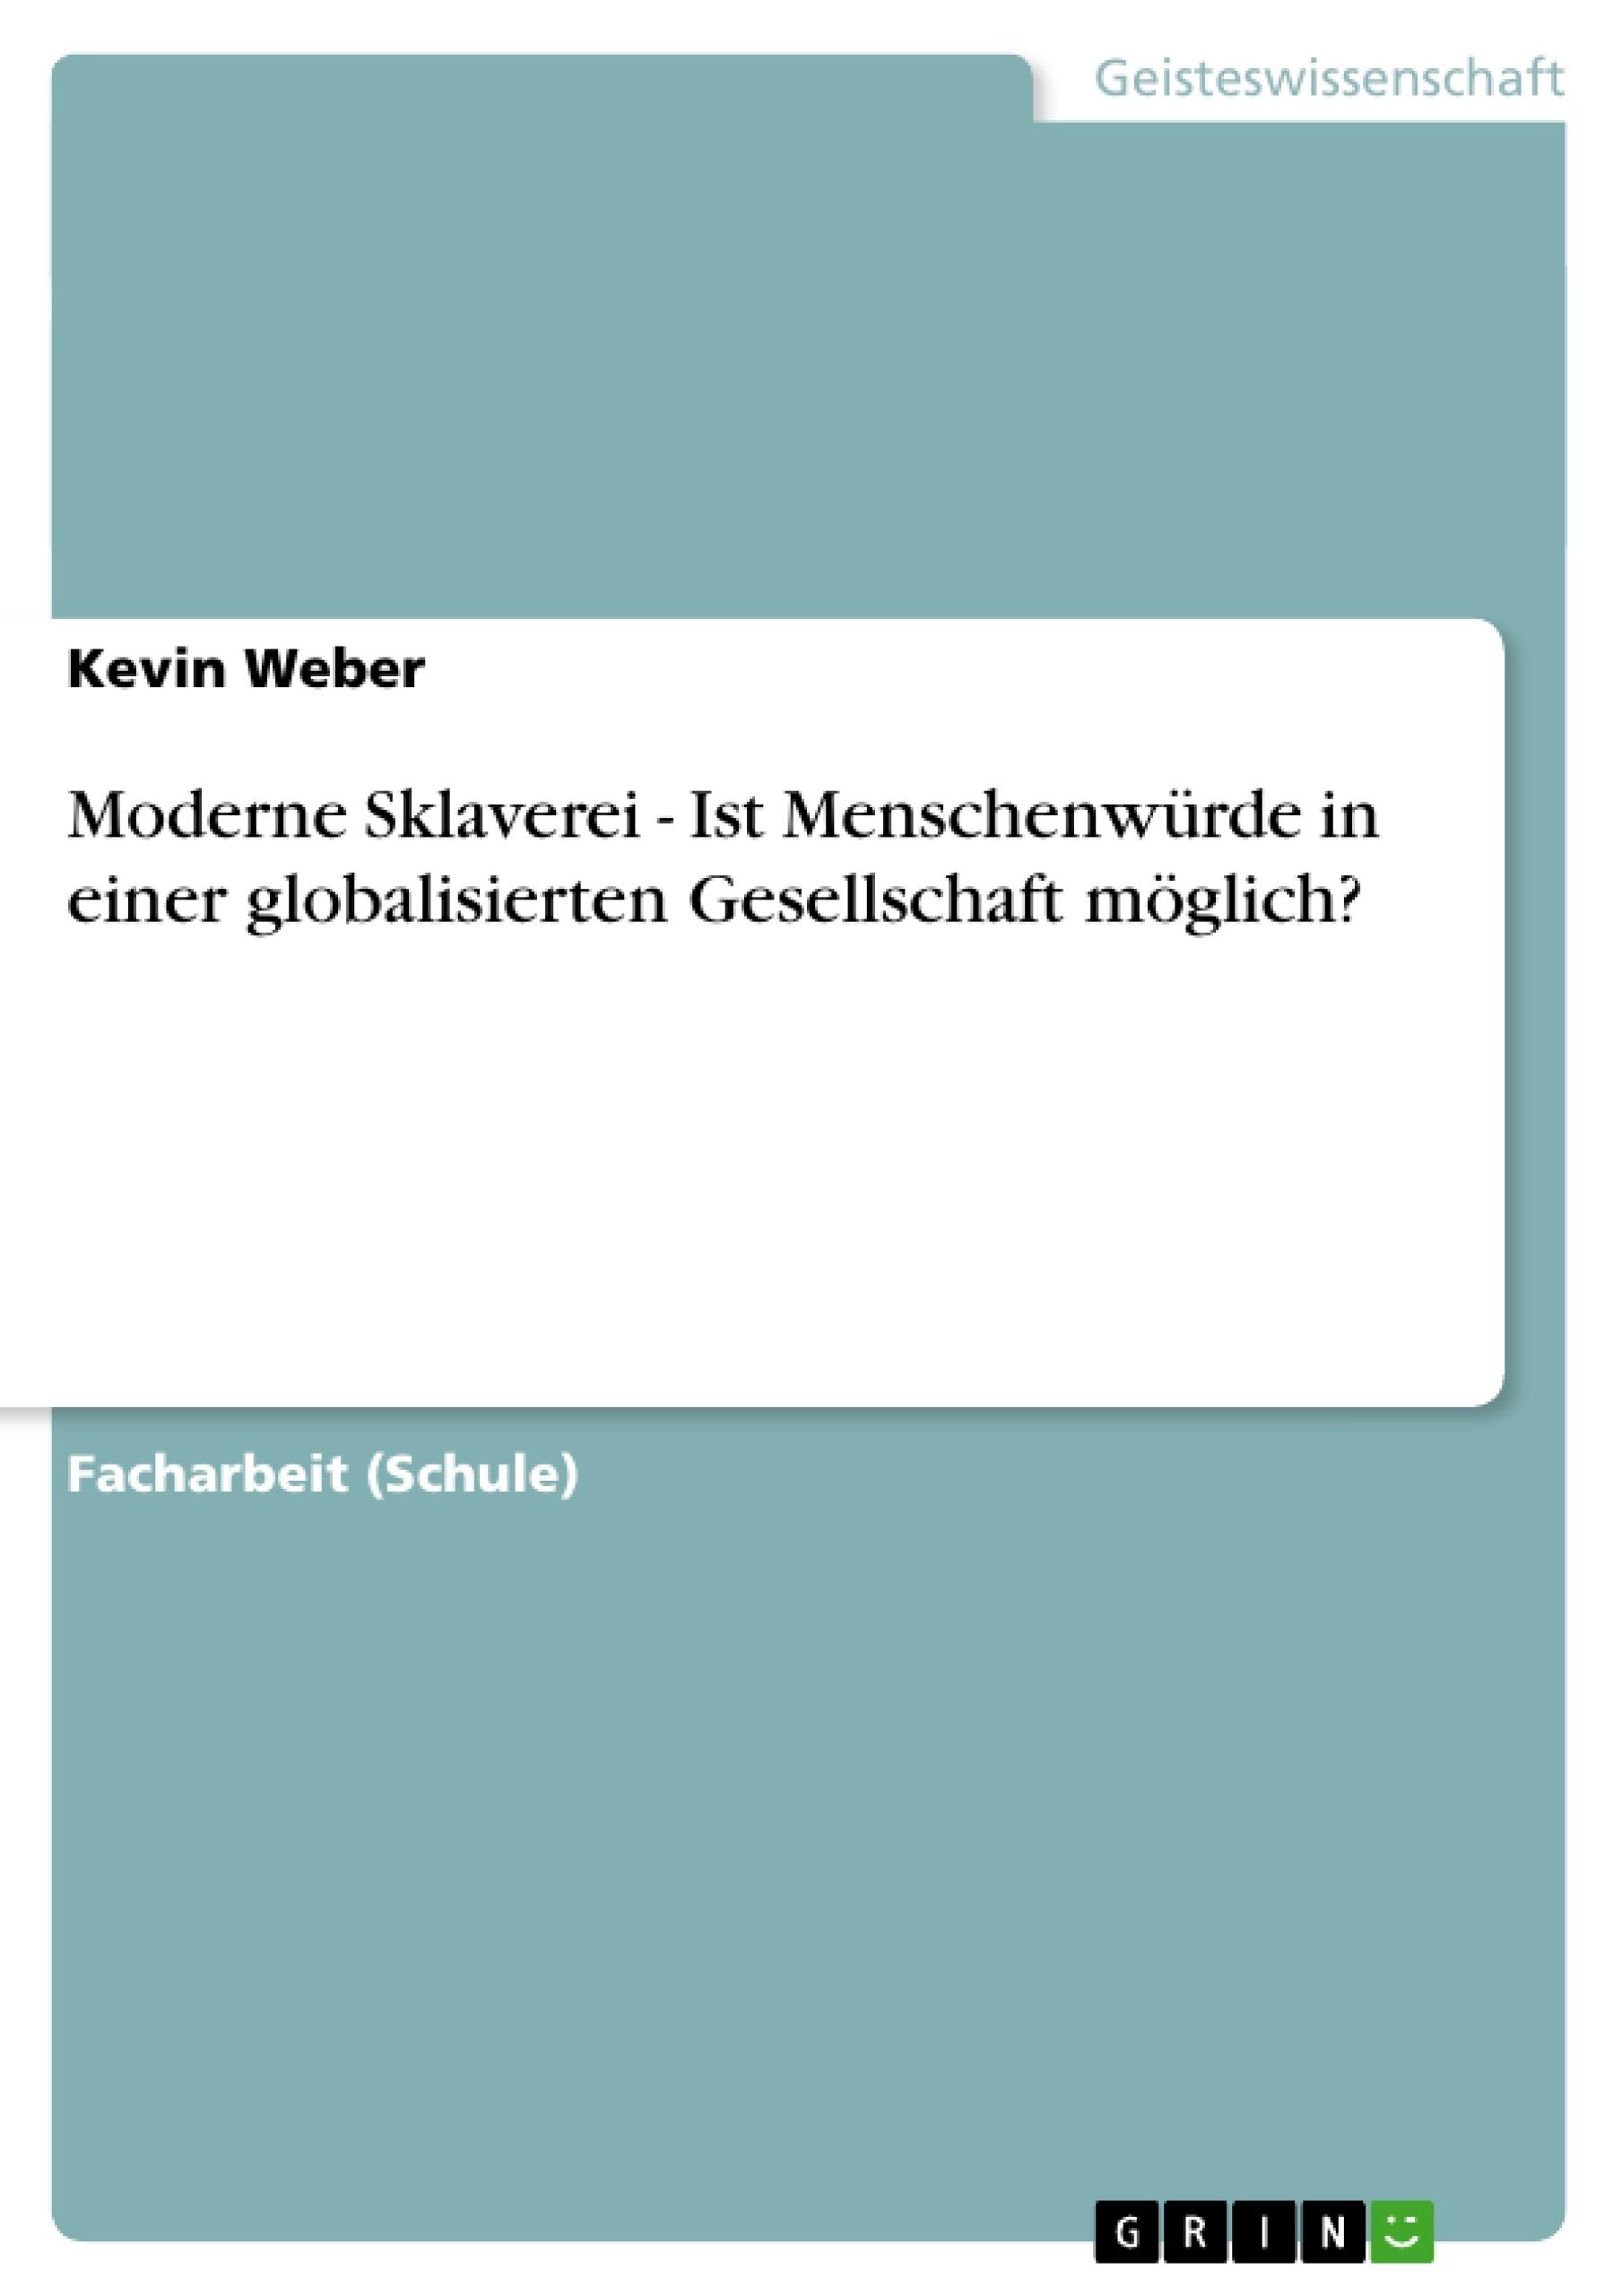 Titel: Moderne Sklaverei - Ist Menschenwürde in einer globalisierten Gesellschaft möglich?